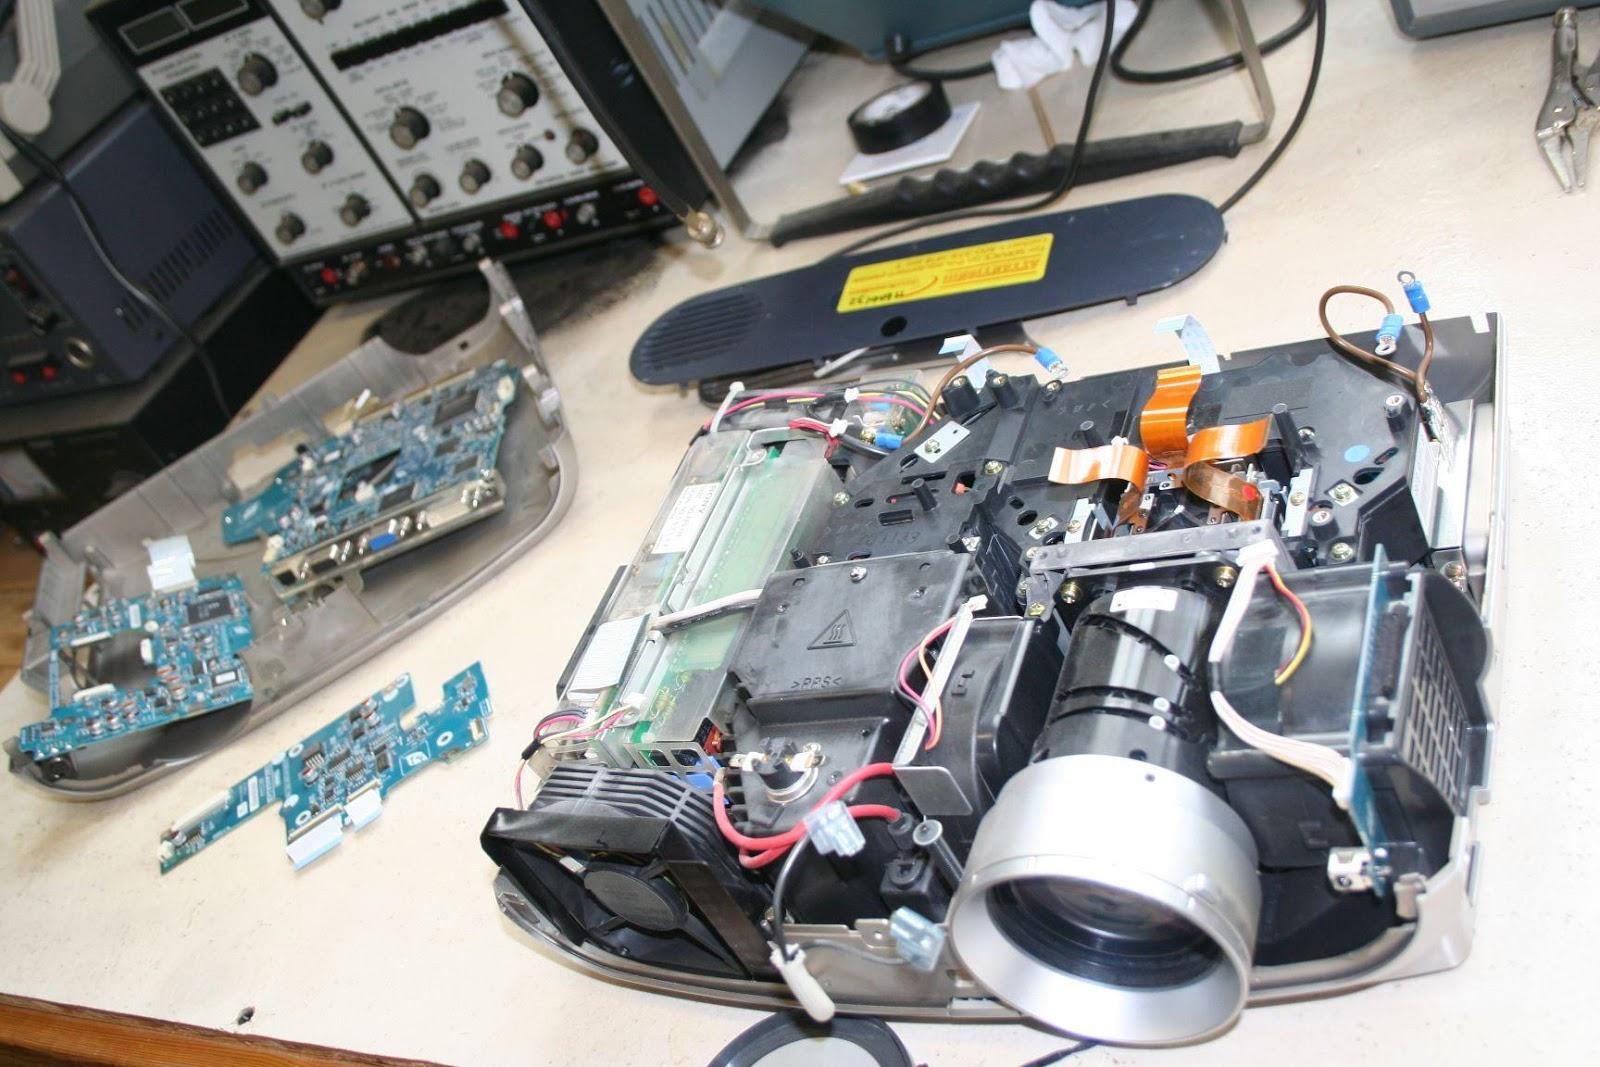 VinaPC là đơn vị chuyên sửa chữa và khắc phục các lỗi máy chiếu